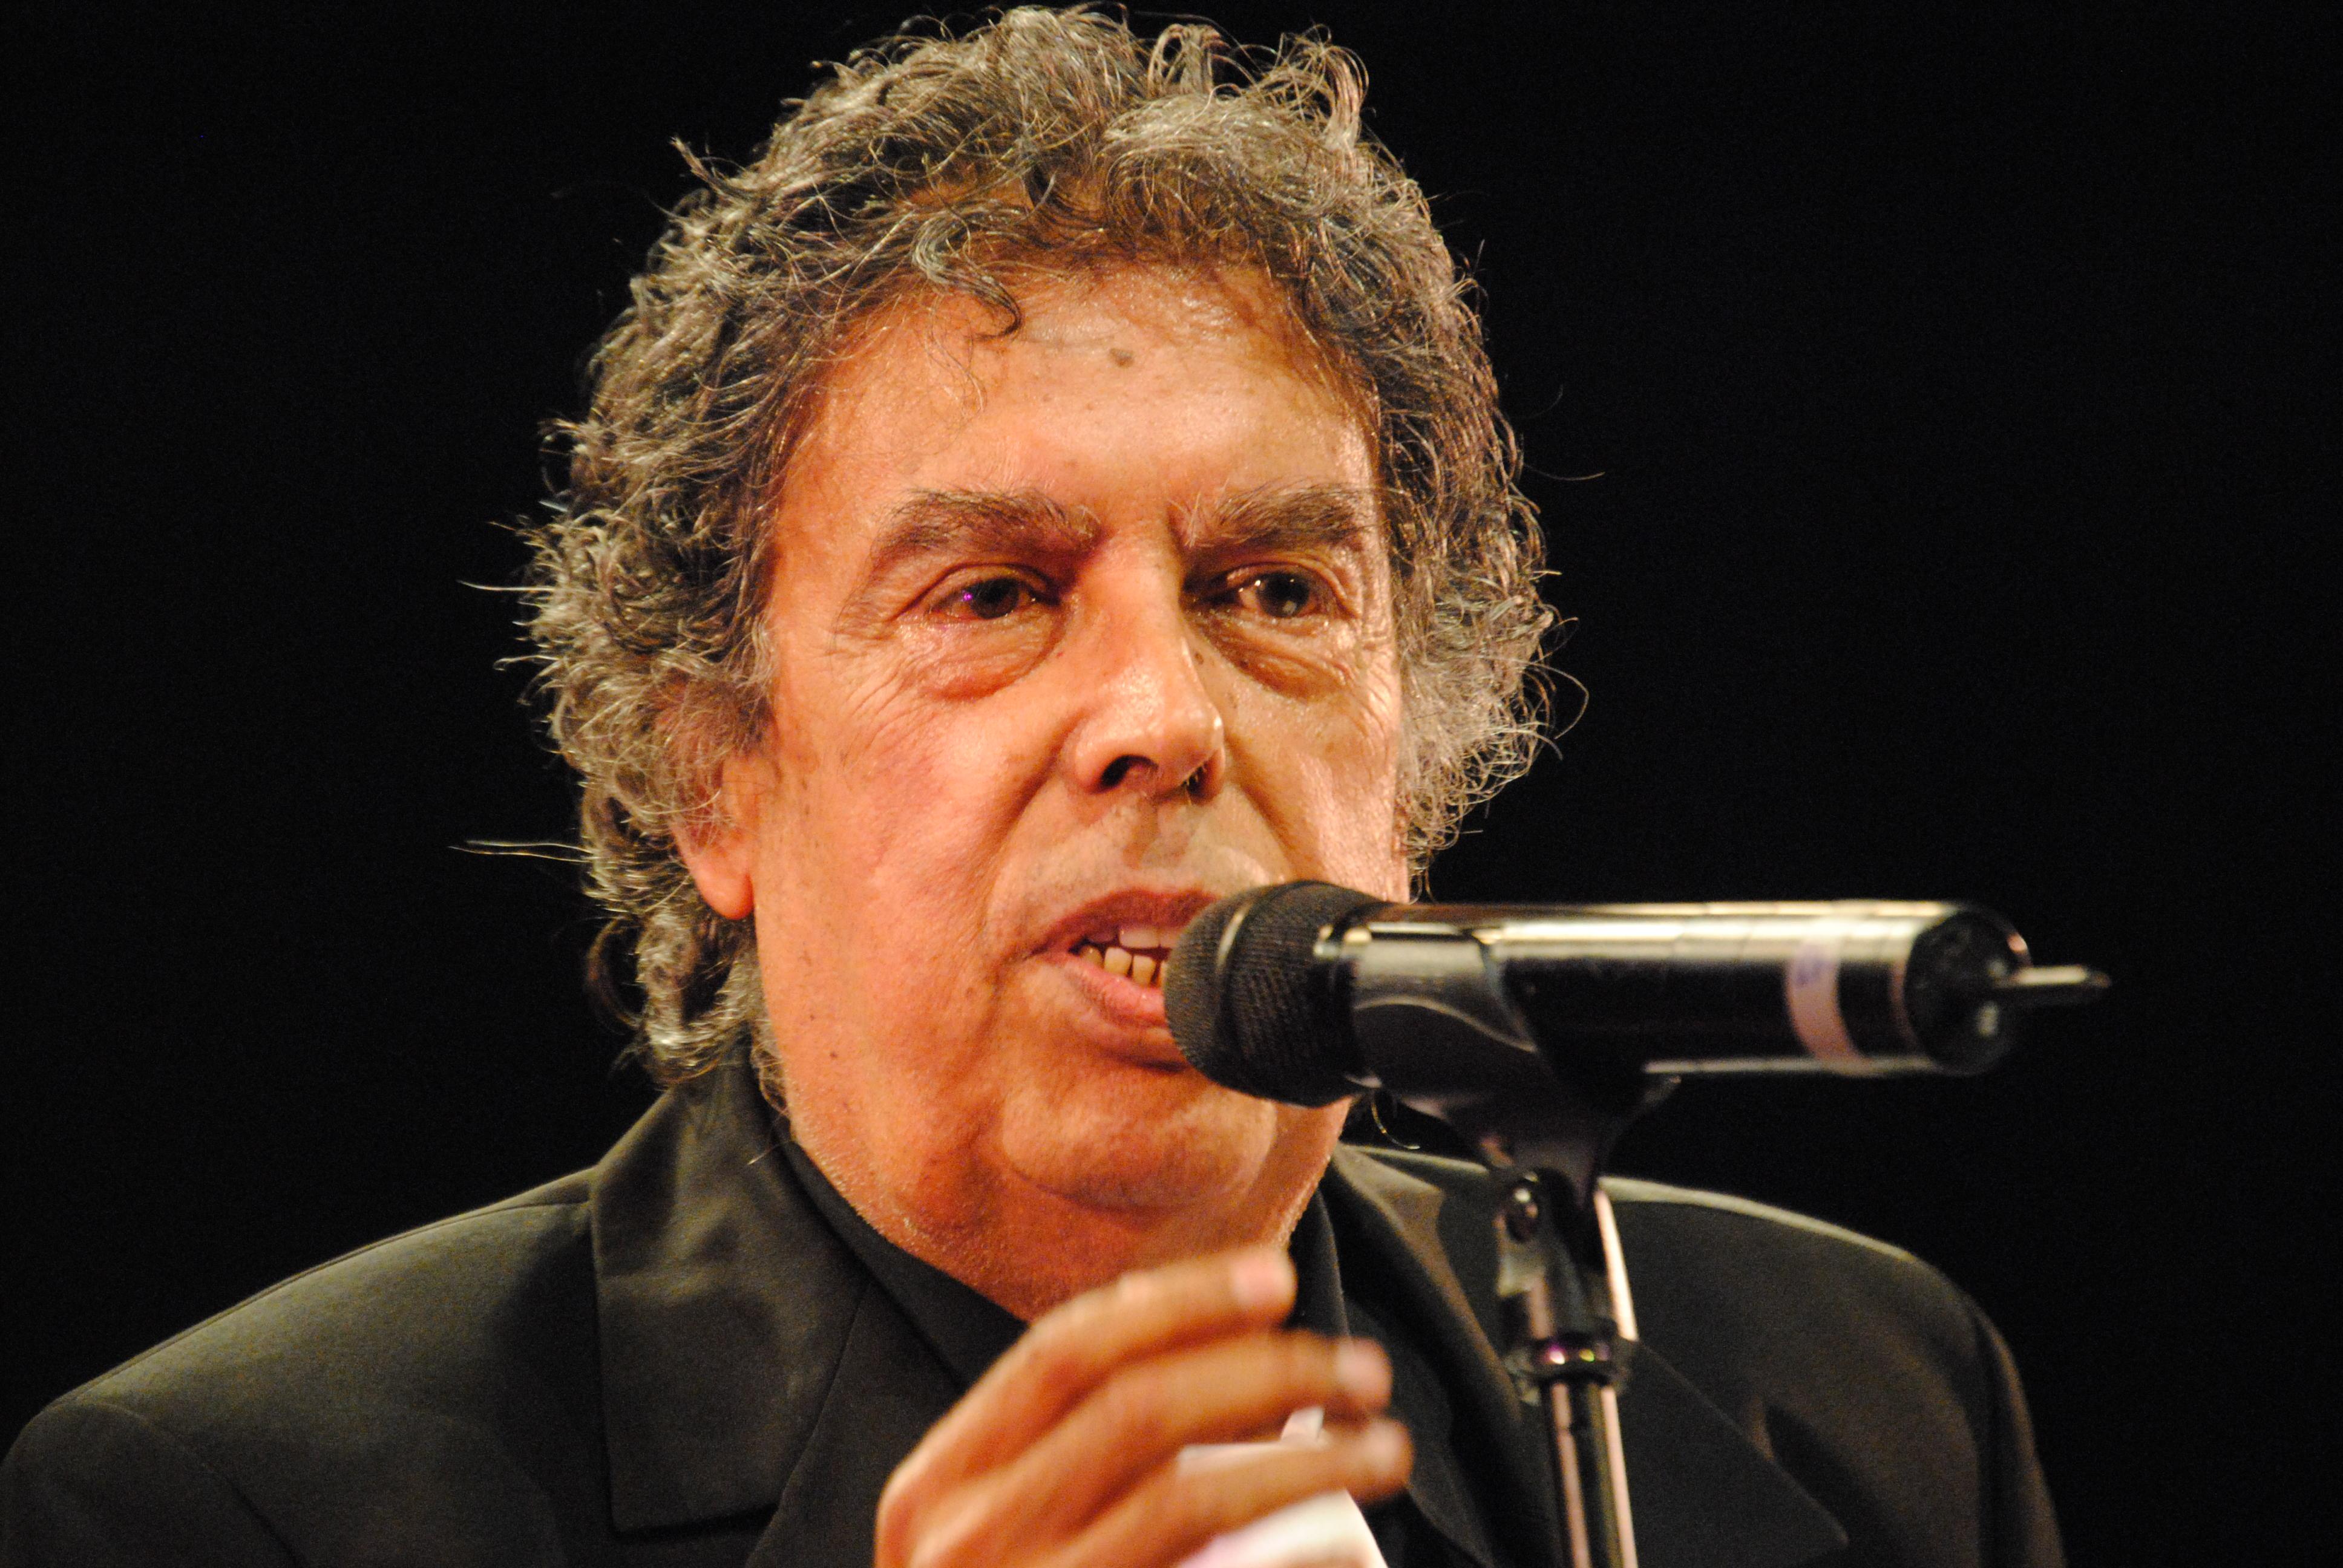 عميد الأغنية المغربية عبد الوهاب الدكالي يجري عملية جراحية